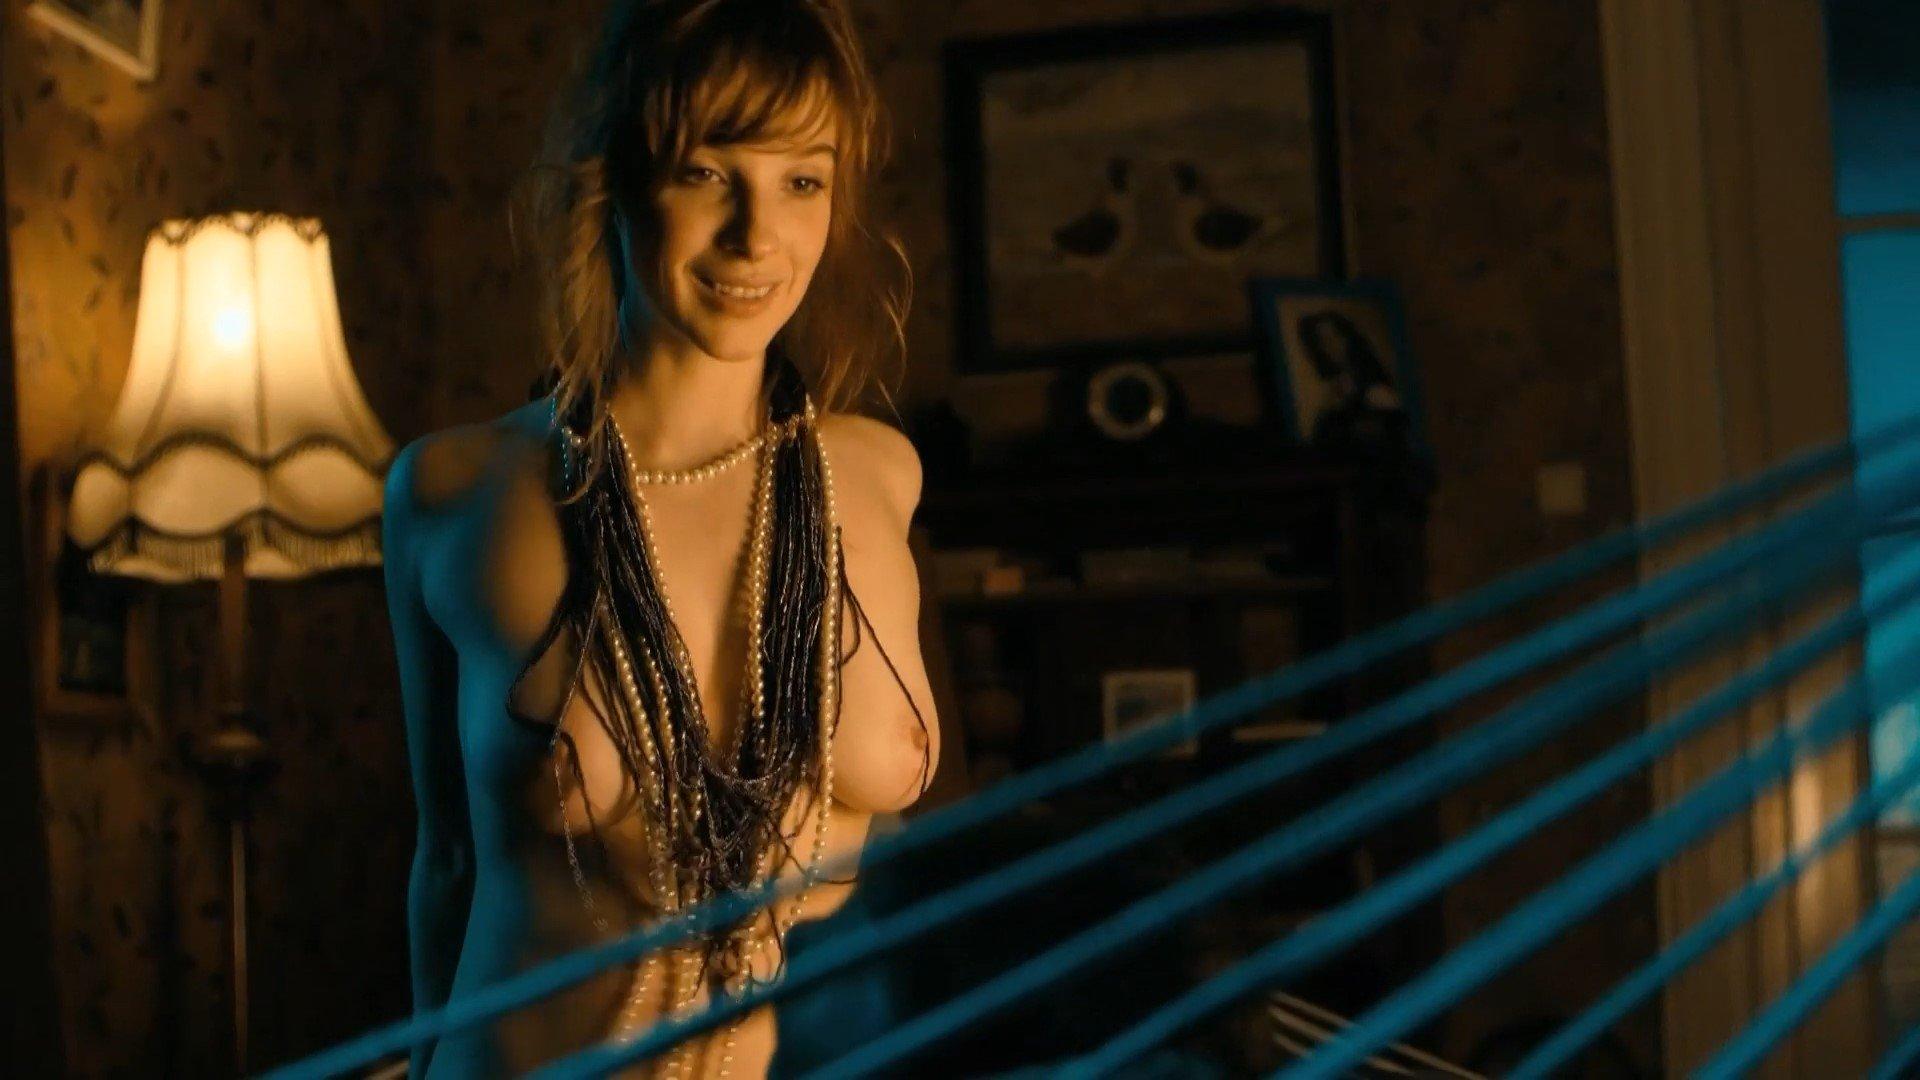 Vica kerekes naked in the shower big boobs voyeur pribeh kmotra 4